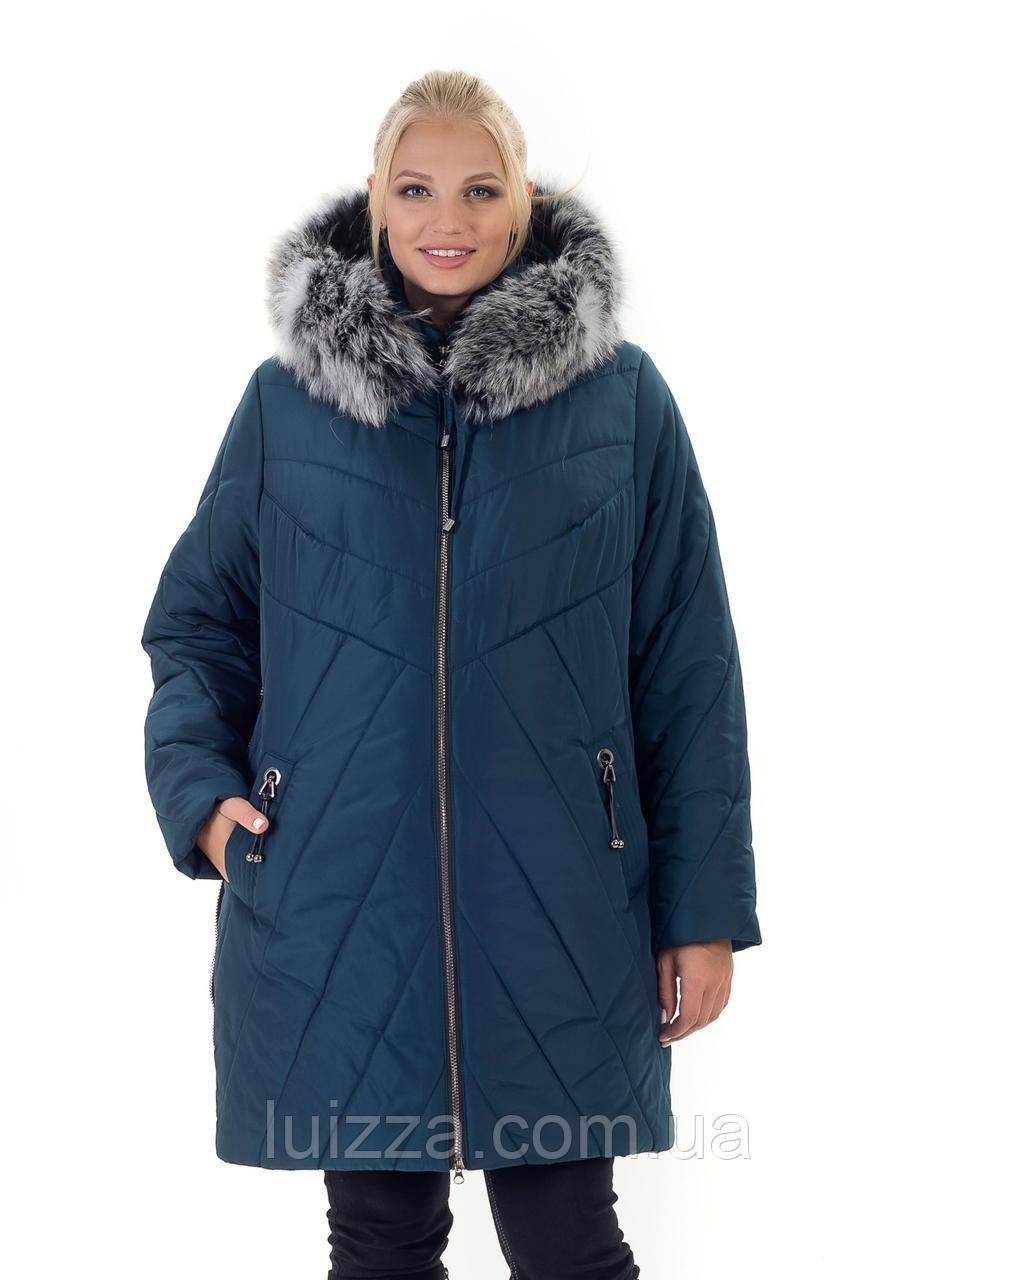 Зимова жіноча куртка 56-70 рр